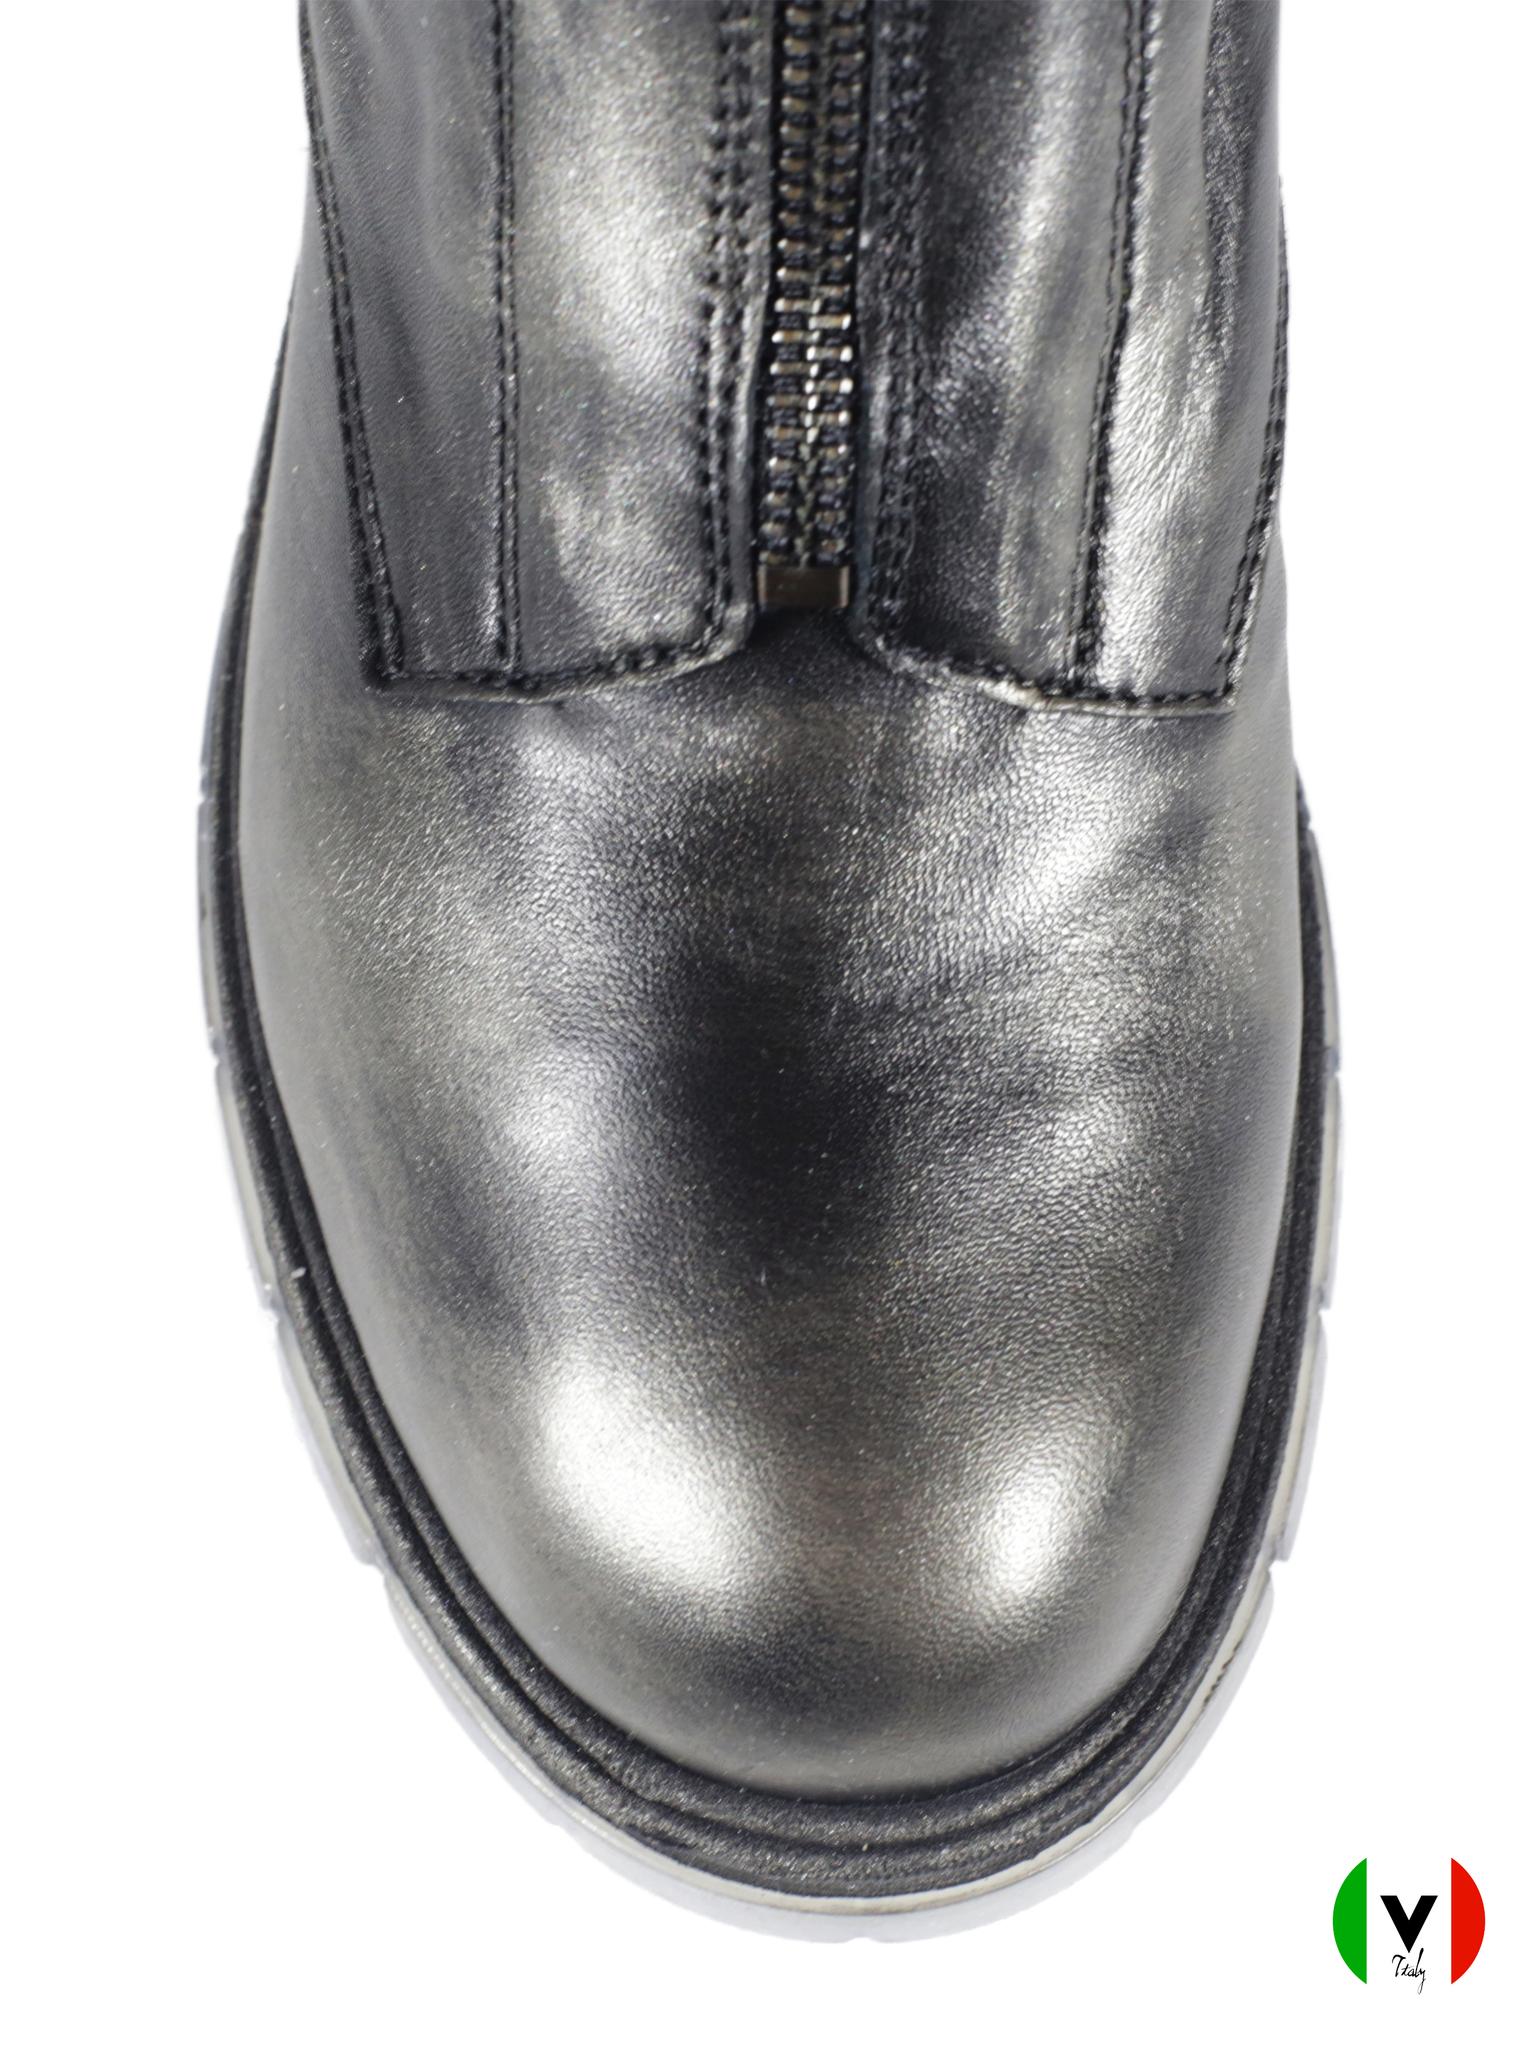 Зимние ботинки Fru.it в стиле гранж 5827, артикул 5827, сезон зима, цвет металлизированный антрацит, материал кожа, цена 19 500 руб., veroitaly.ru